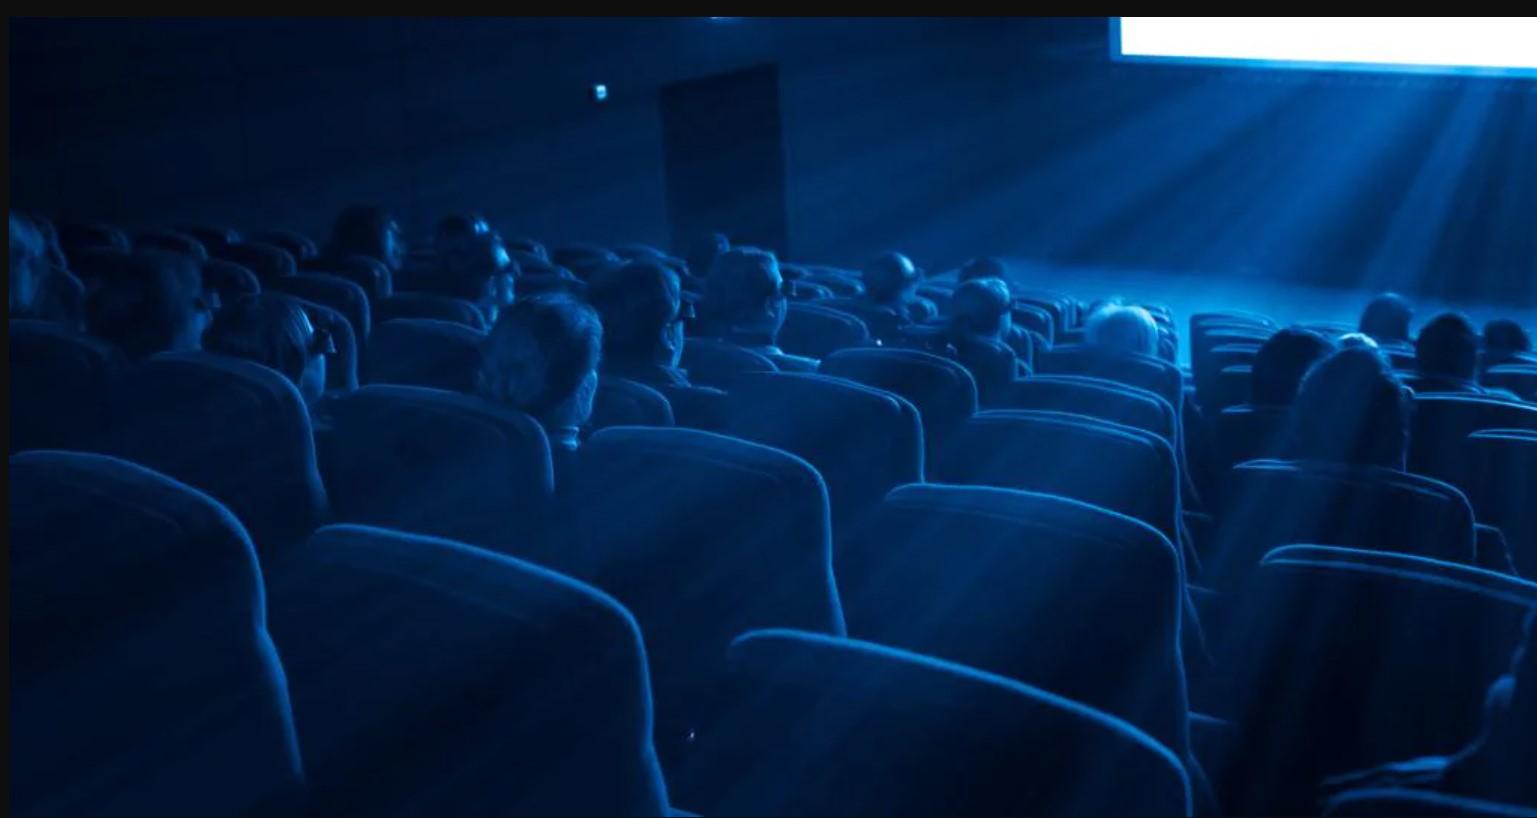 Cinema : Perdita di oltre 25 milioni di spettatori